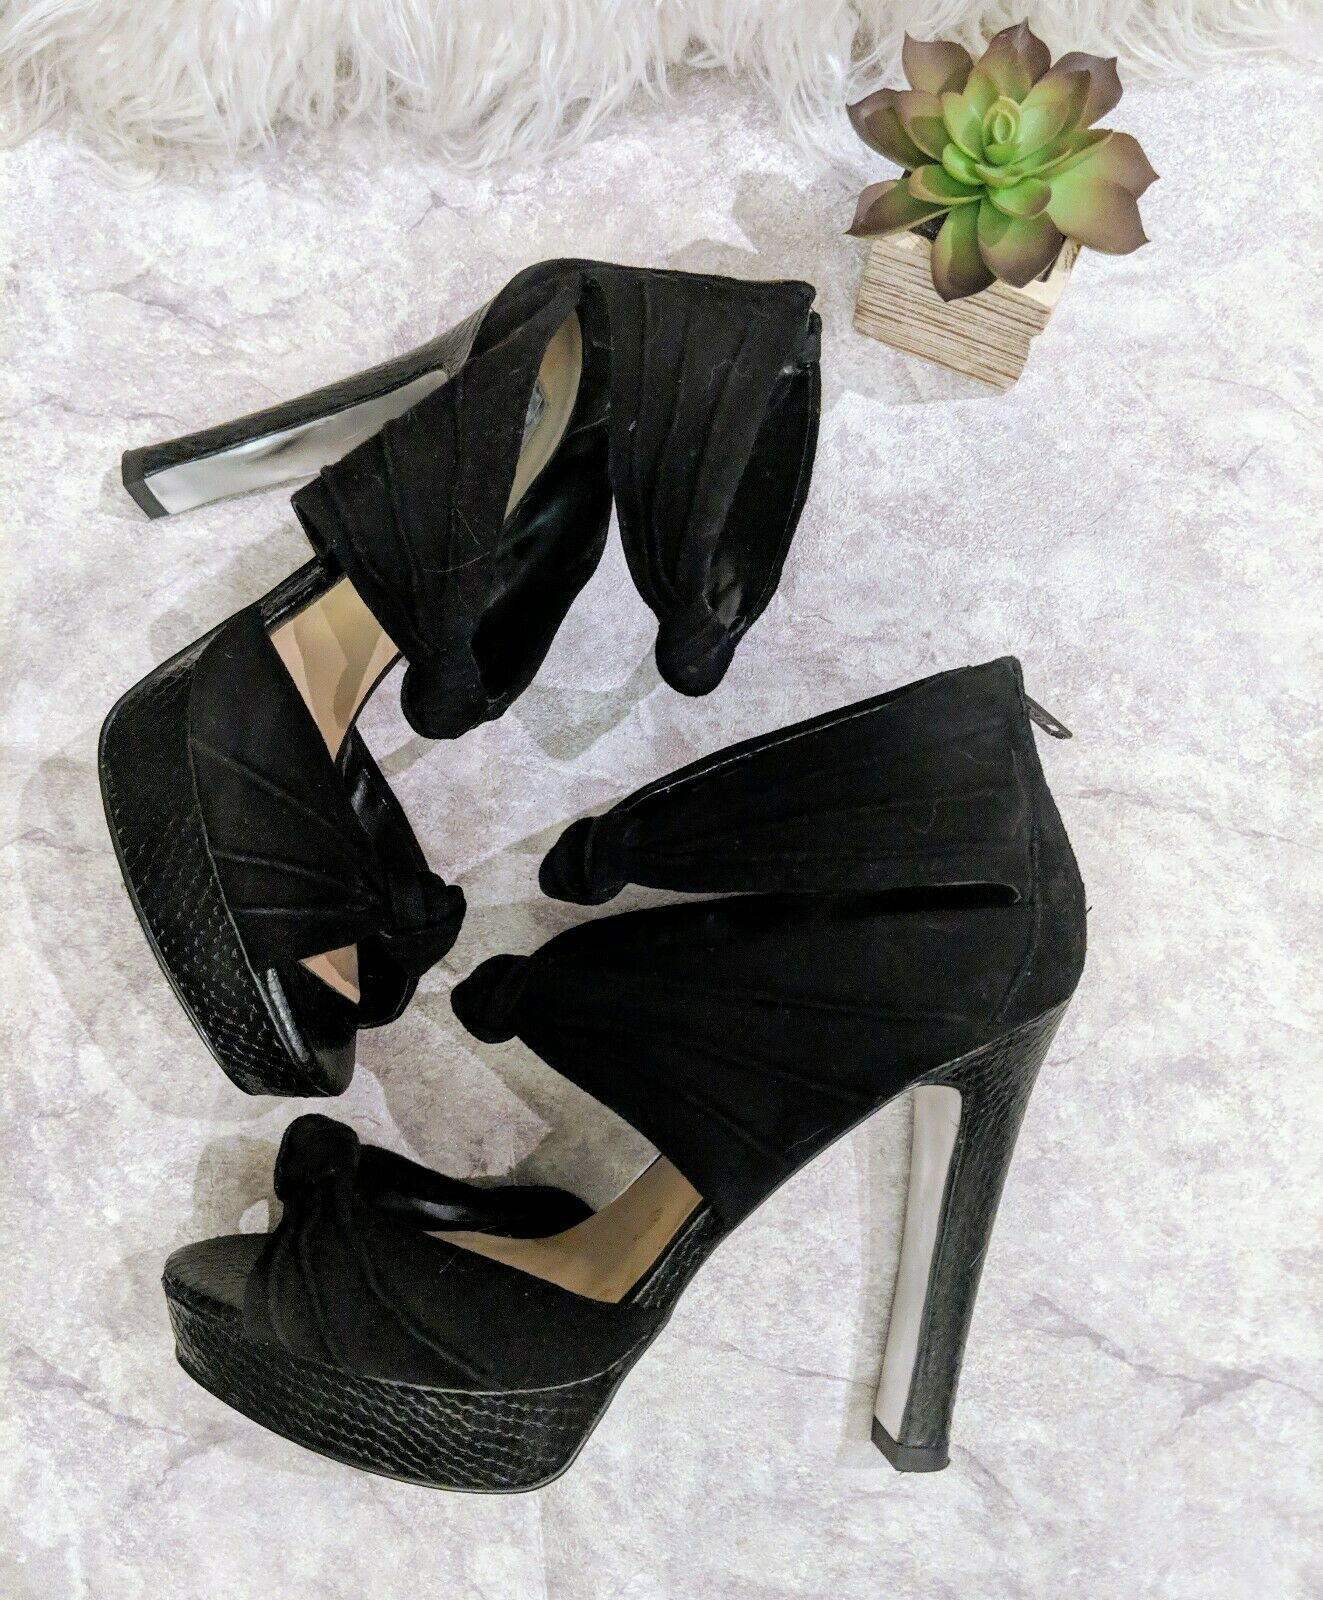 H Halston damen damen damen 7.5 schwarz suede leather knot platform pump heel  298 bacc69